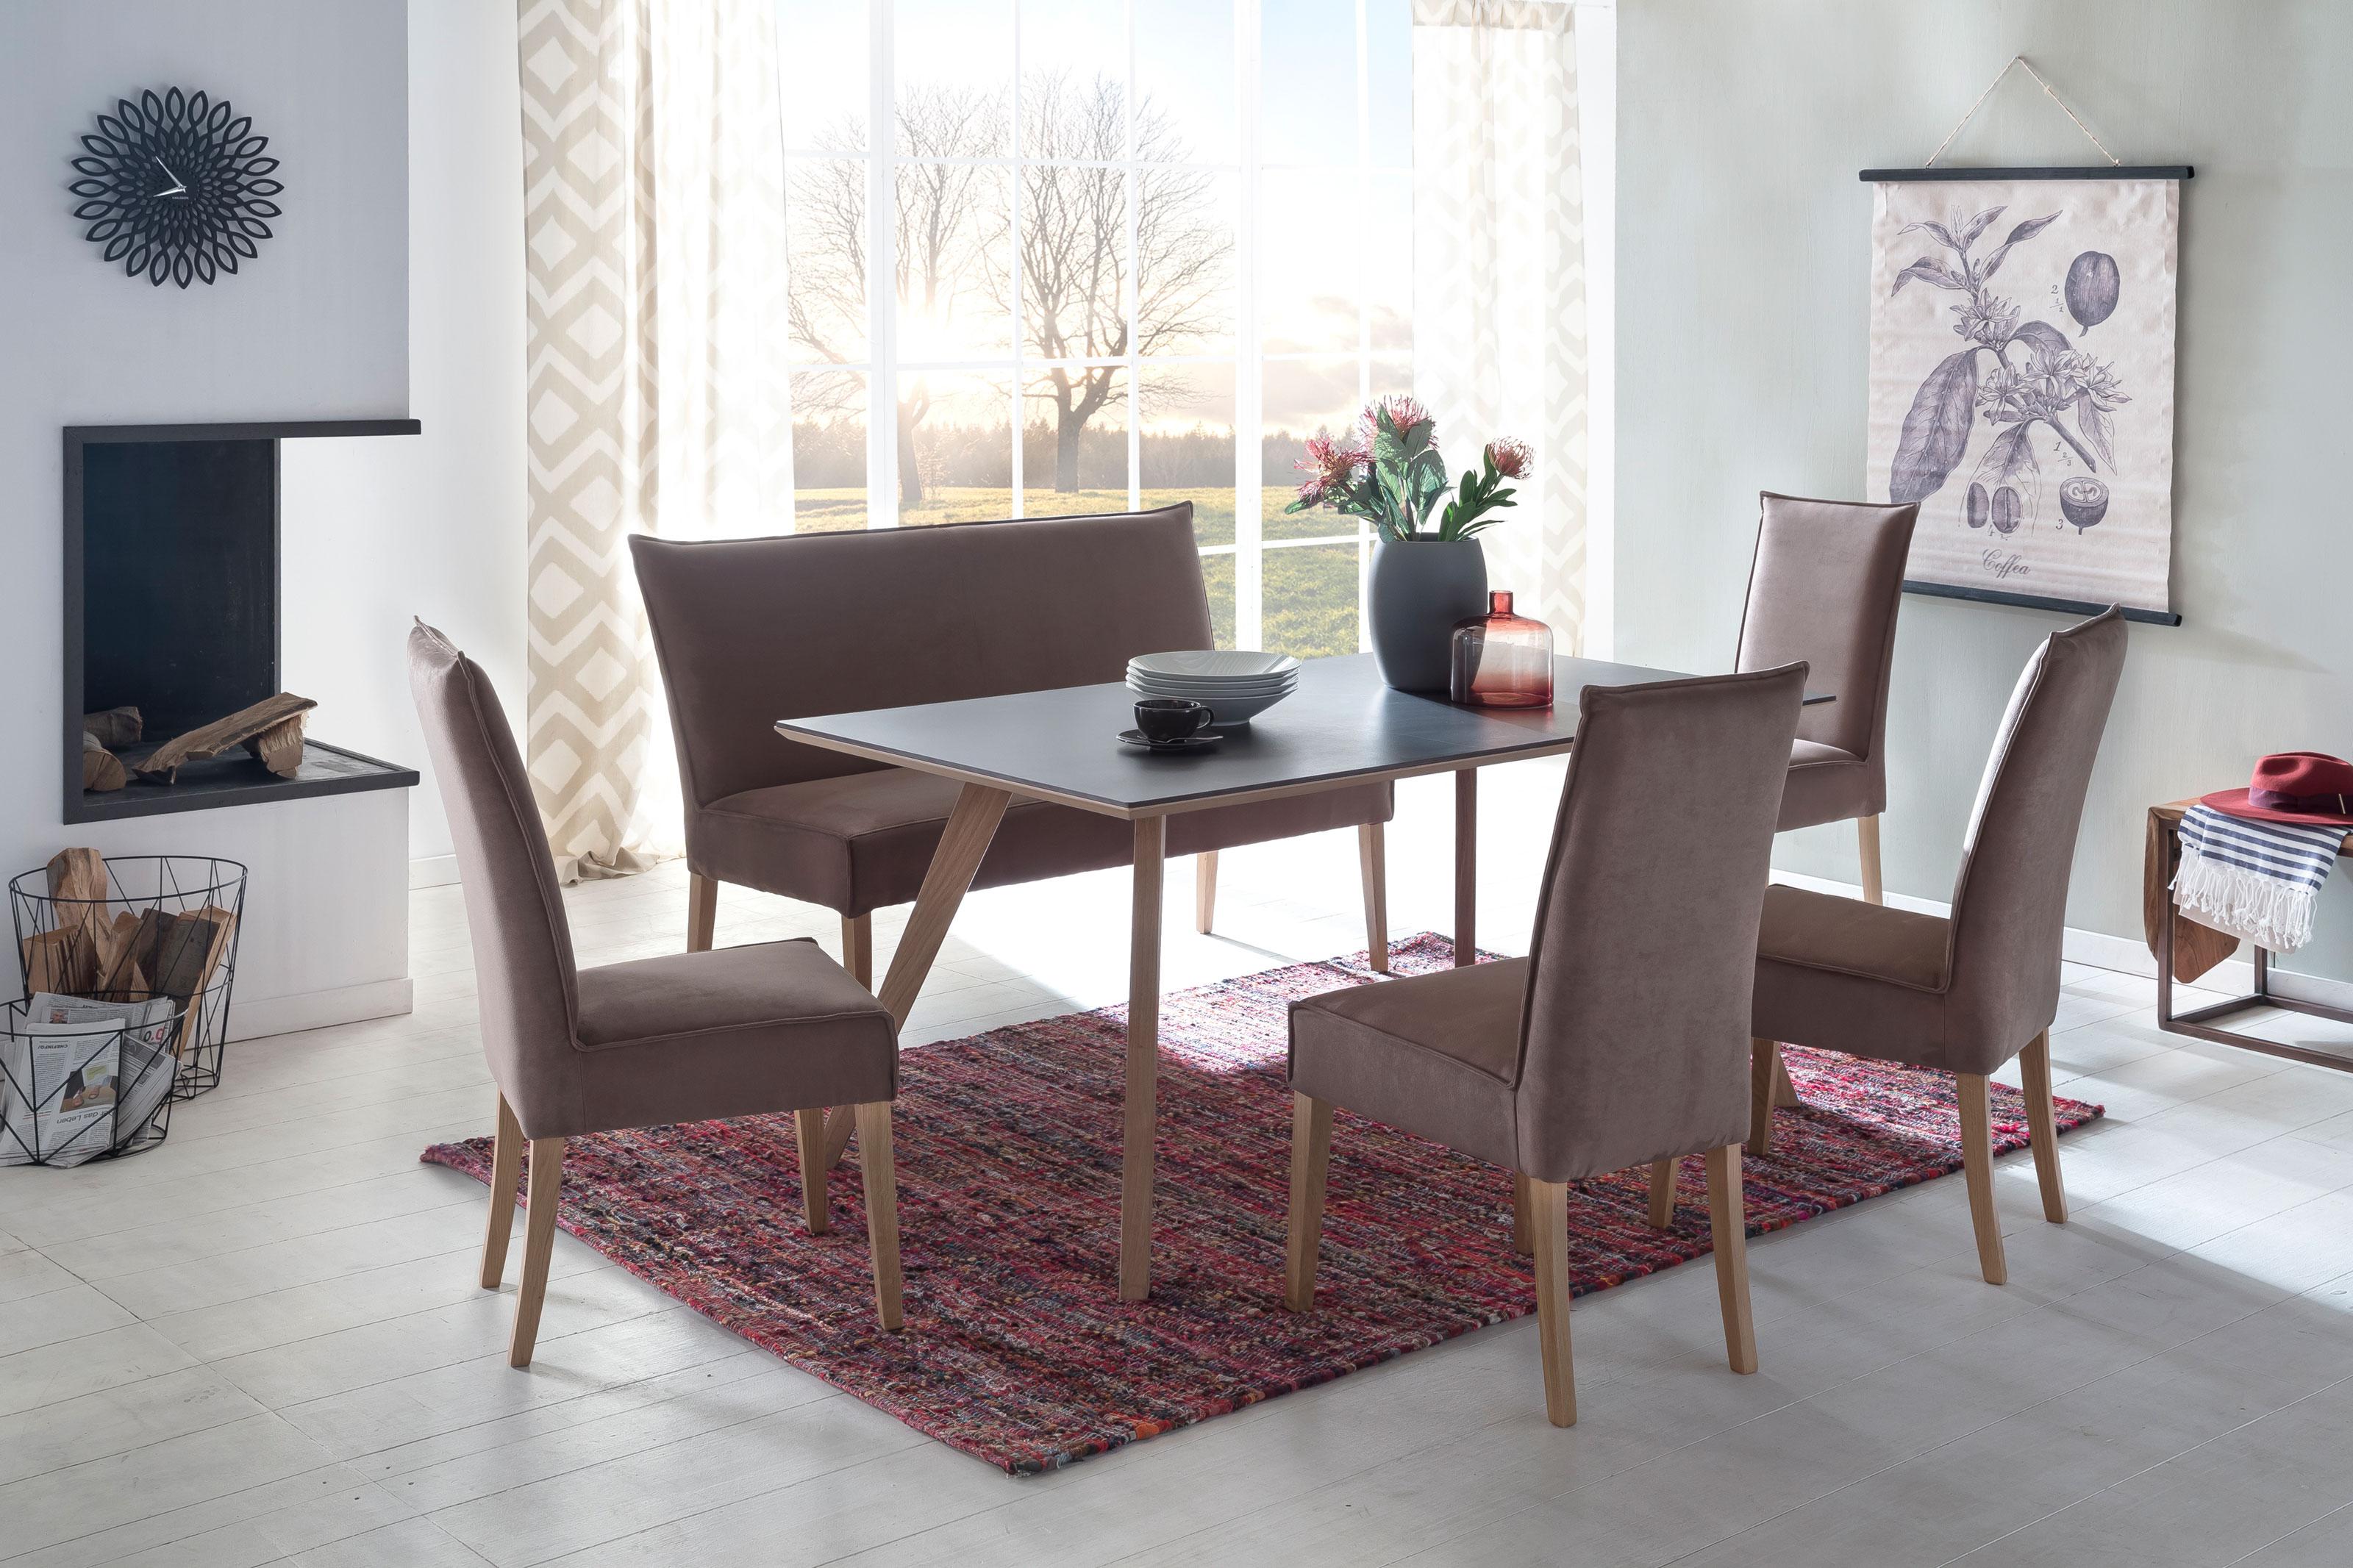 Standard Furniture Tischgruppe mit Bank Kira und Tisch Tronheim